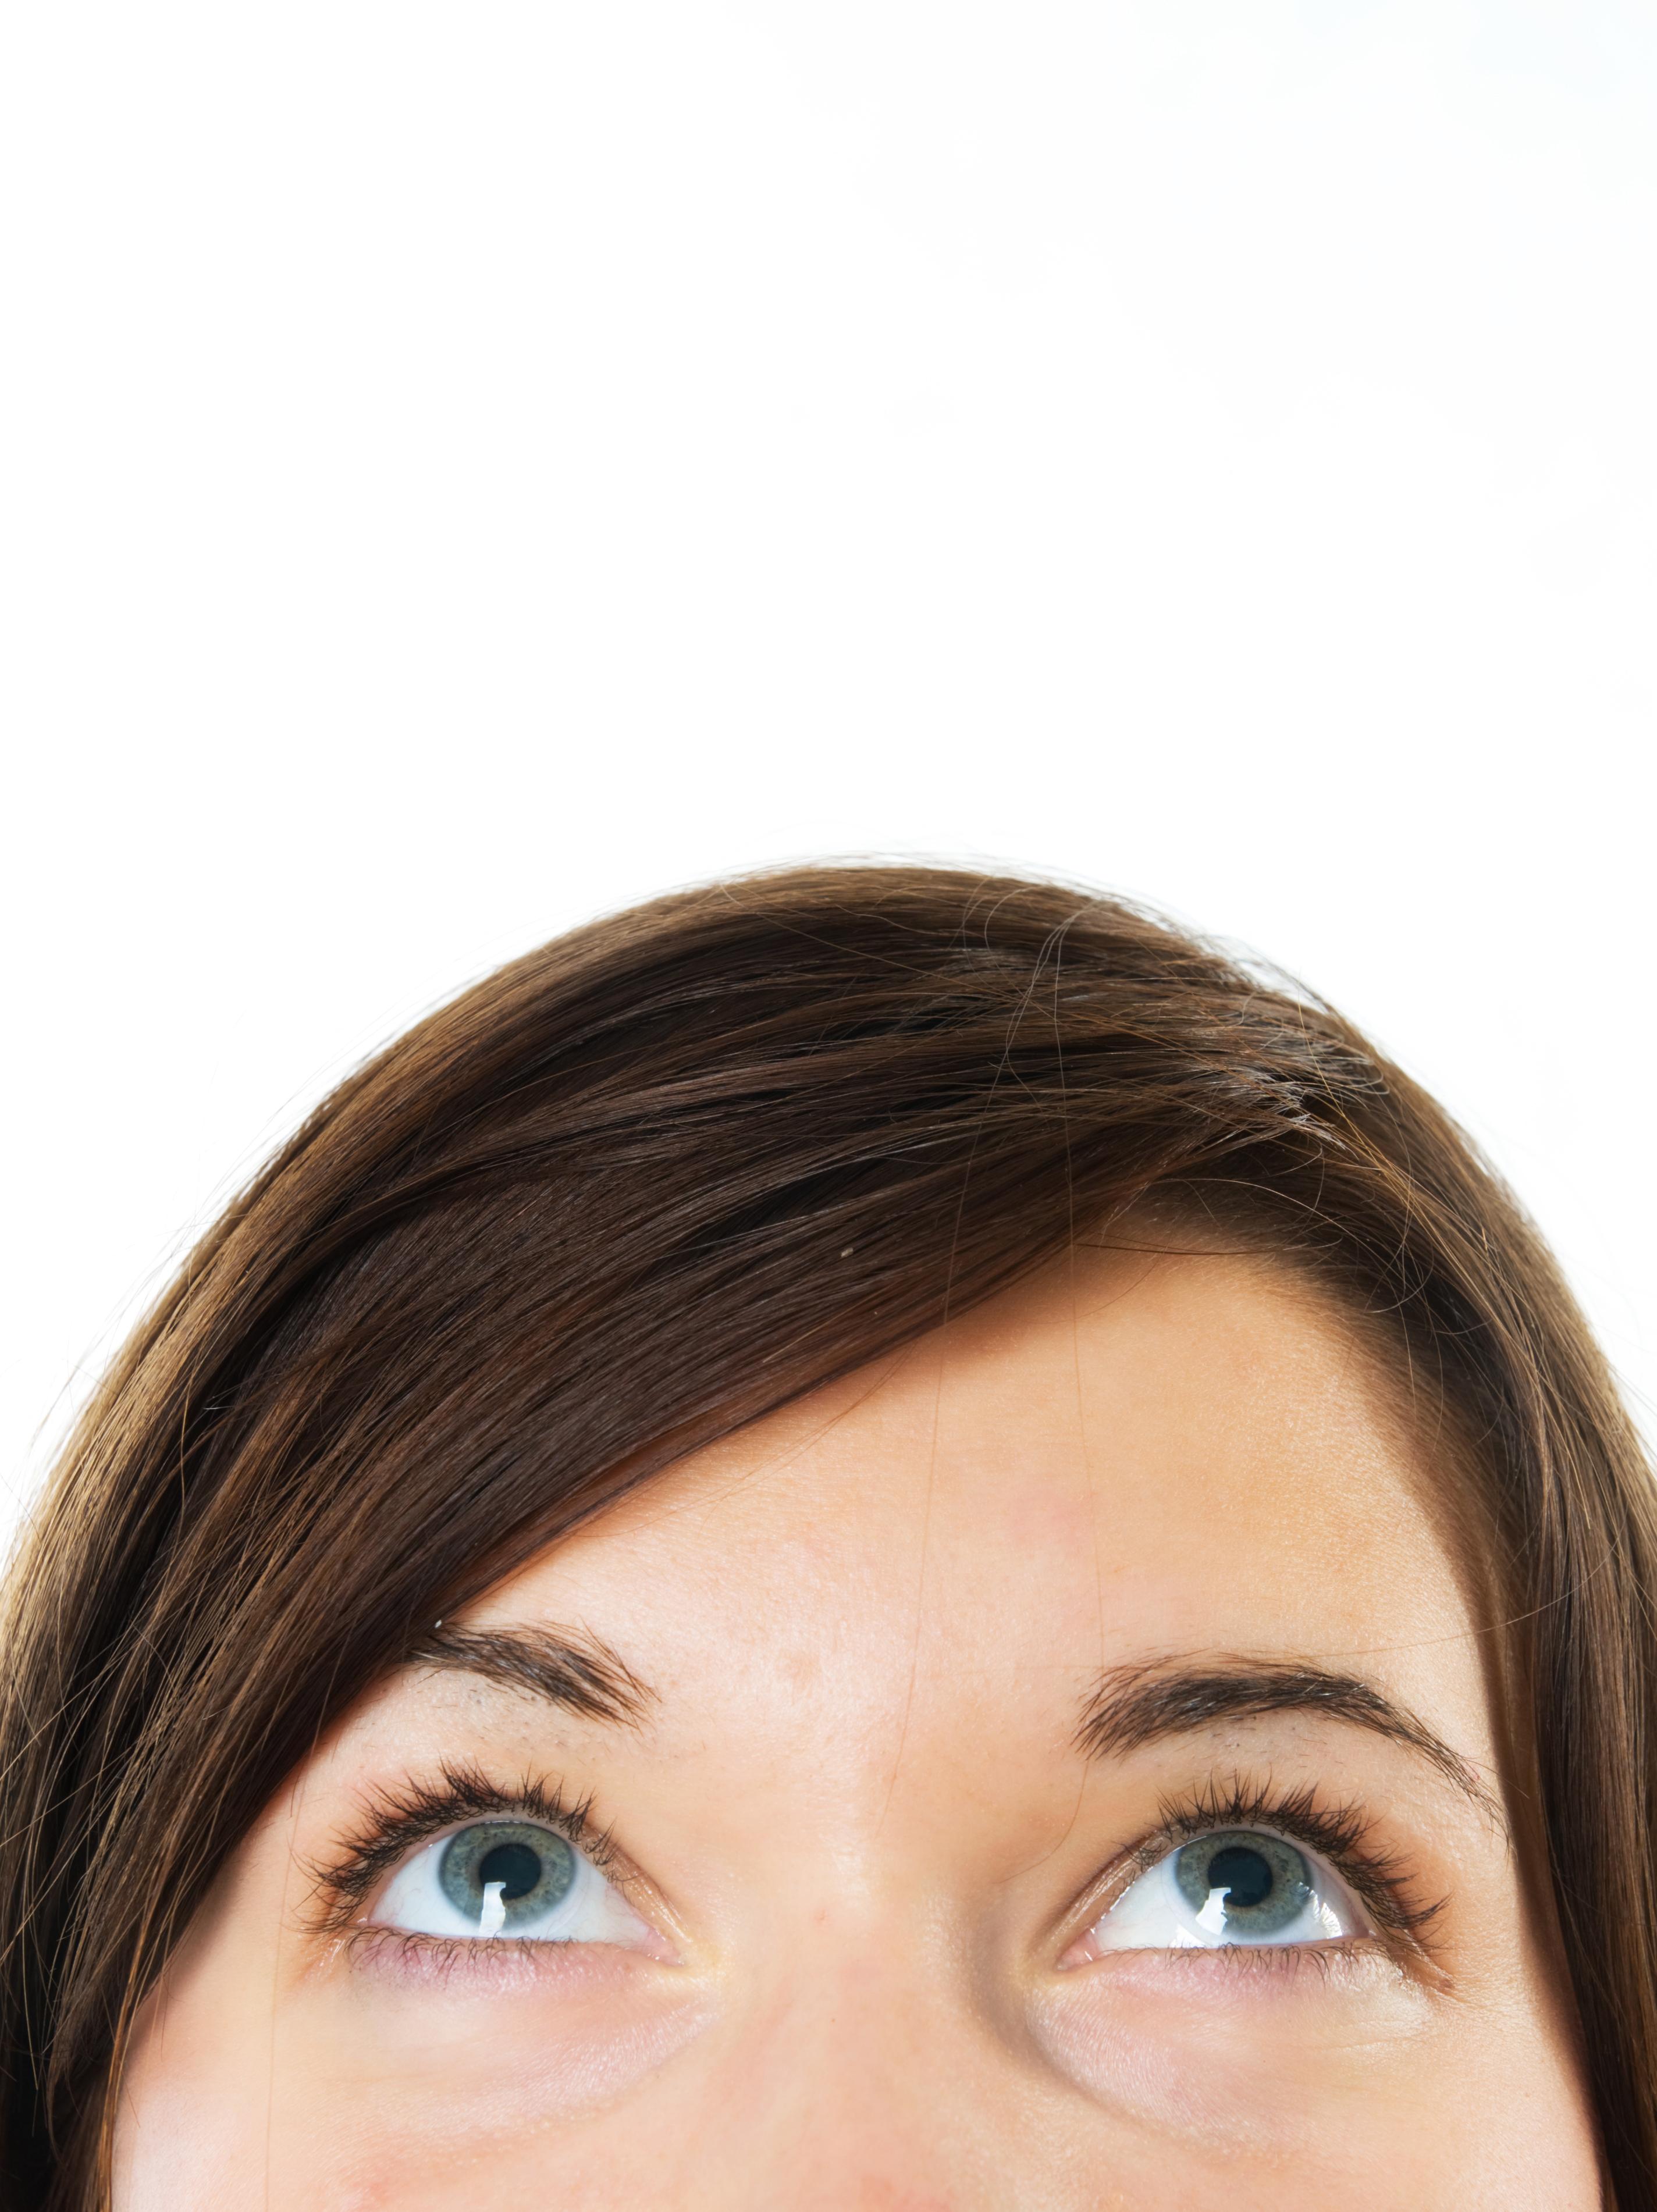 Ingrown Hair on Vagina – What to Do?